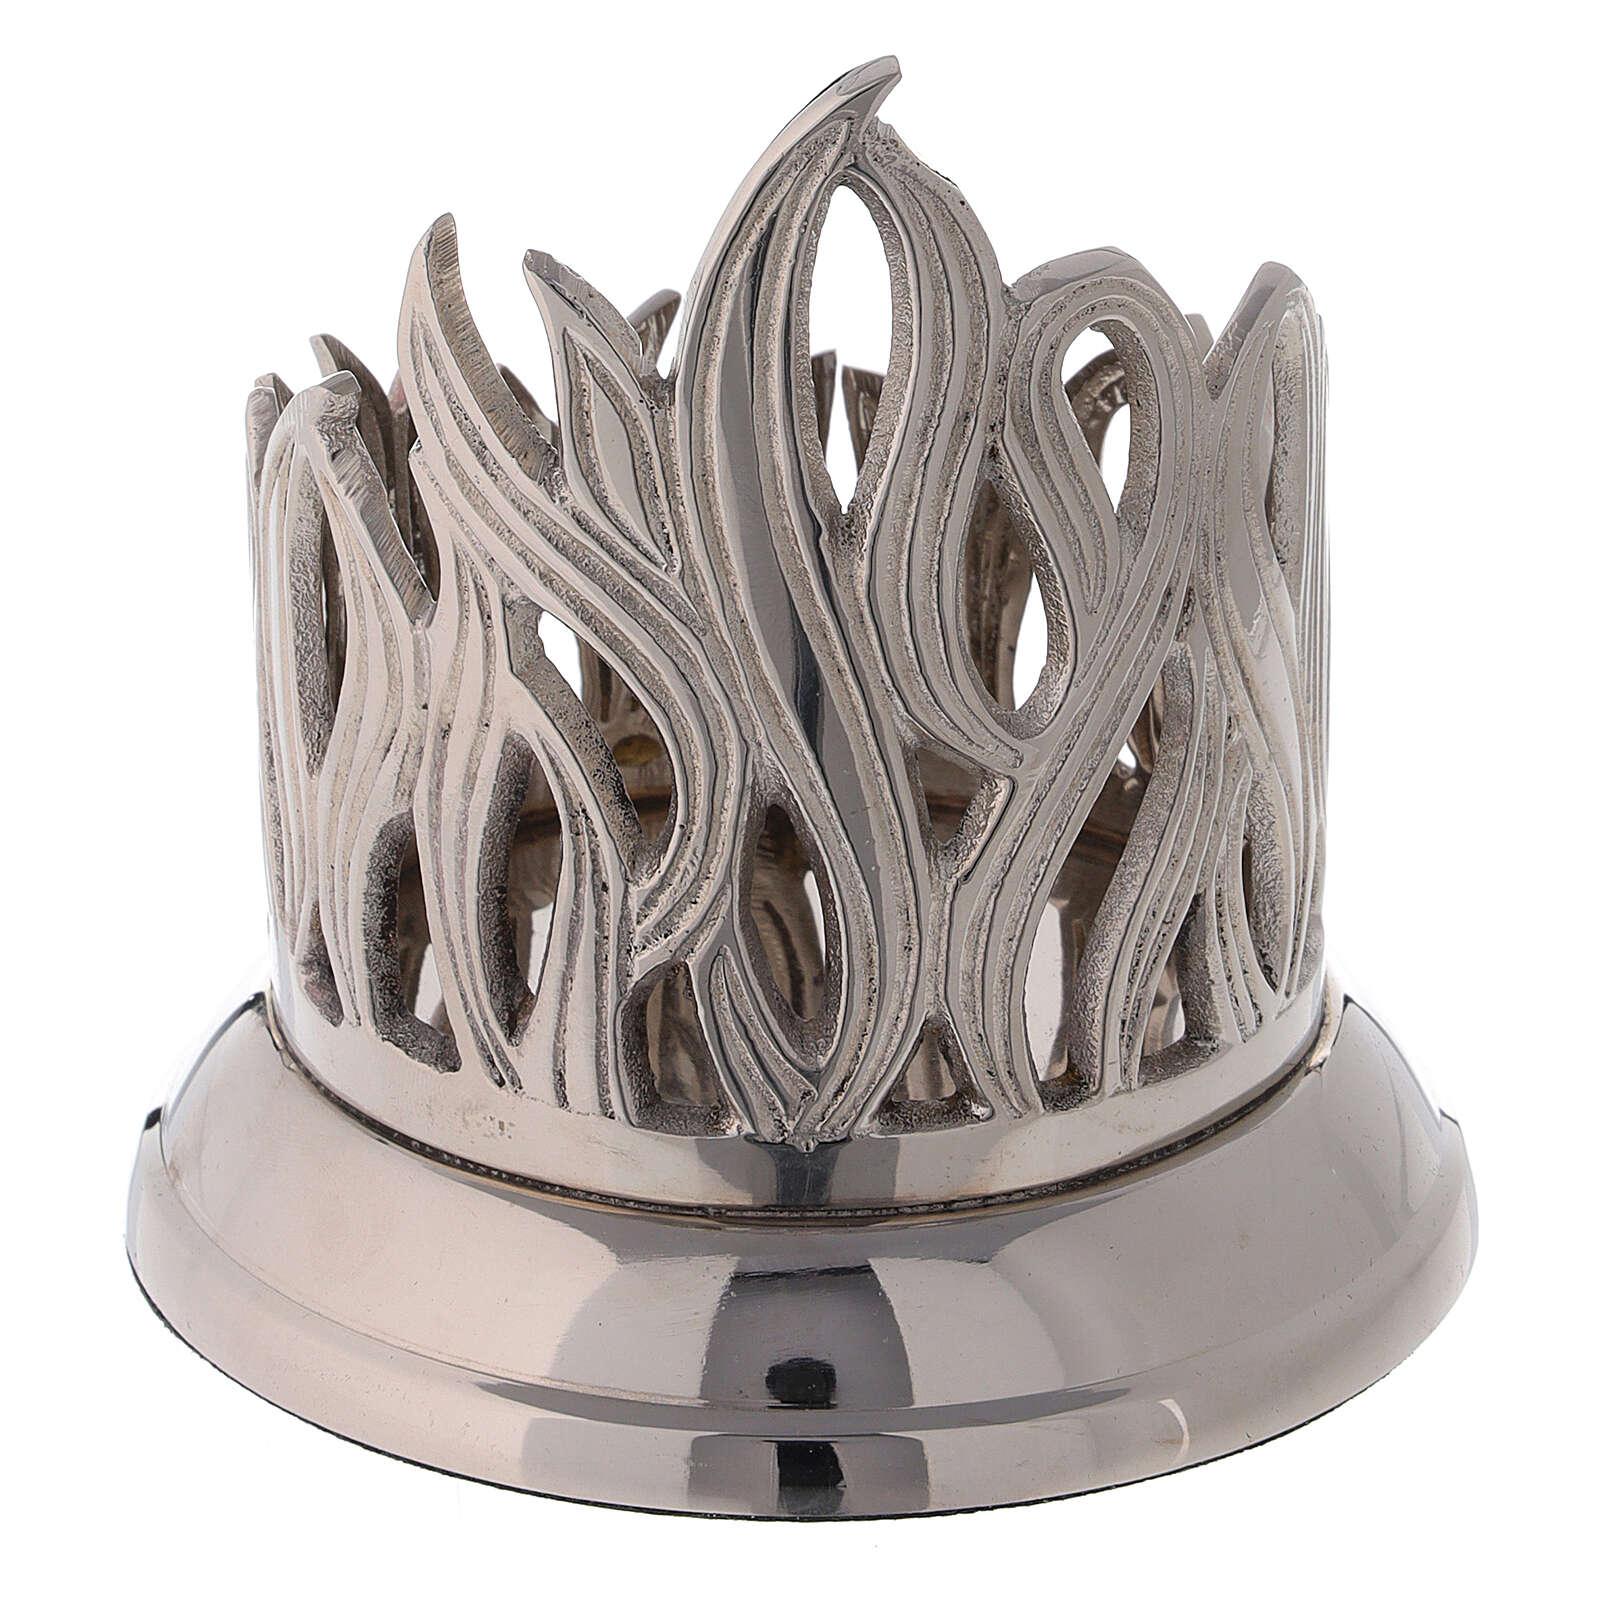 Base pour bougie flammes diamètre 8 cm laiton nickelé 4